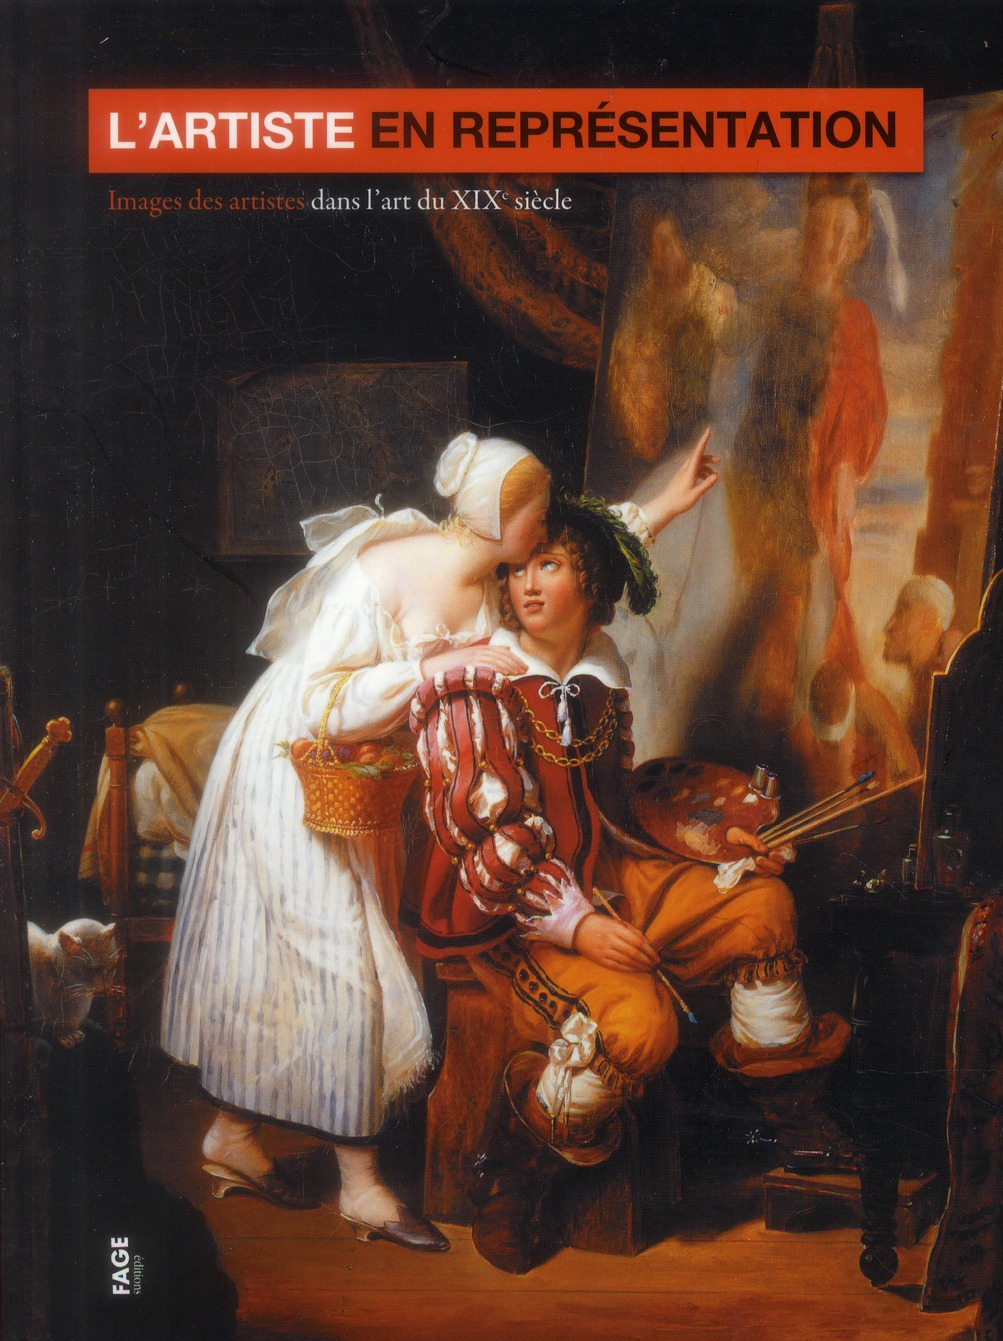 L'ARTISTE EN REPRESENTATION IMAGES DES ARTISTES DANS L'ART DU XIXE SIECLE - [EXPOSITION, MUSEE DE LA